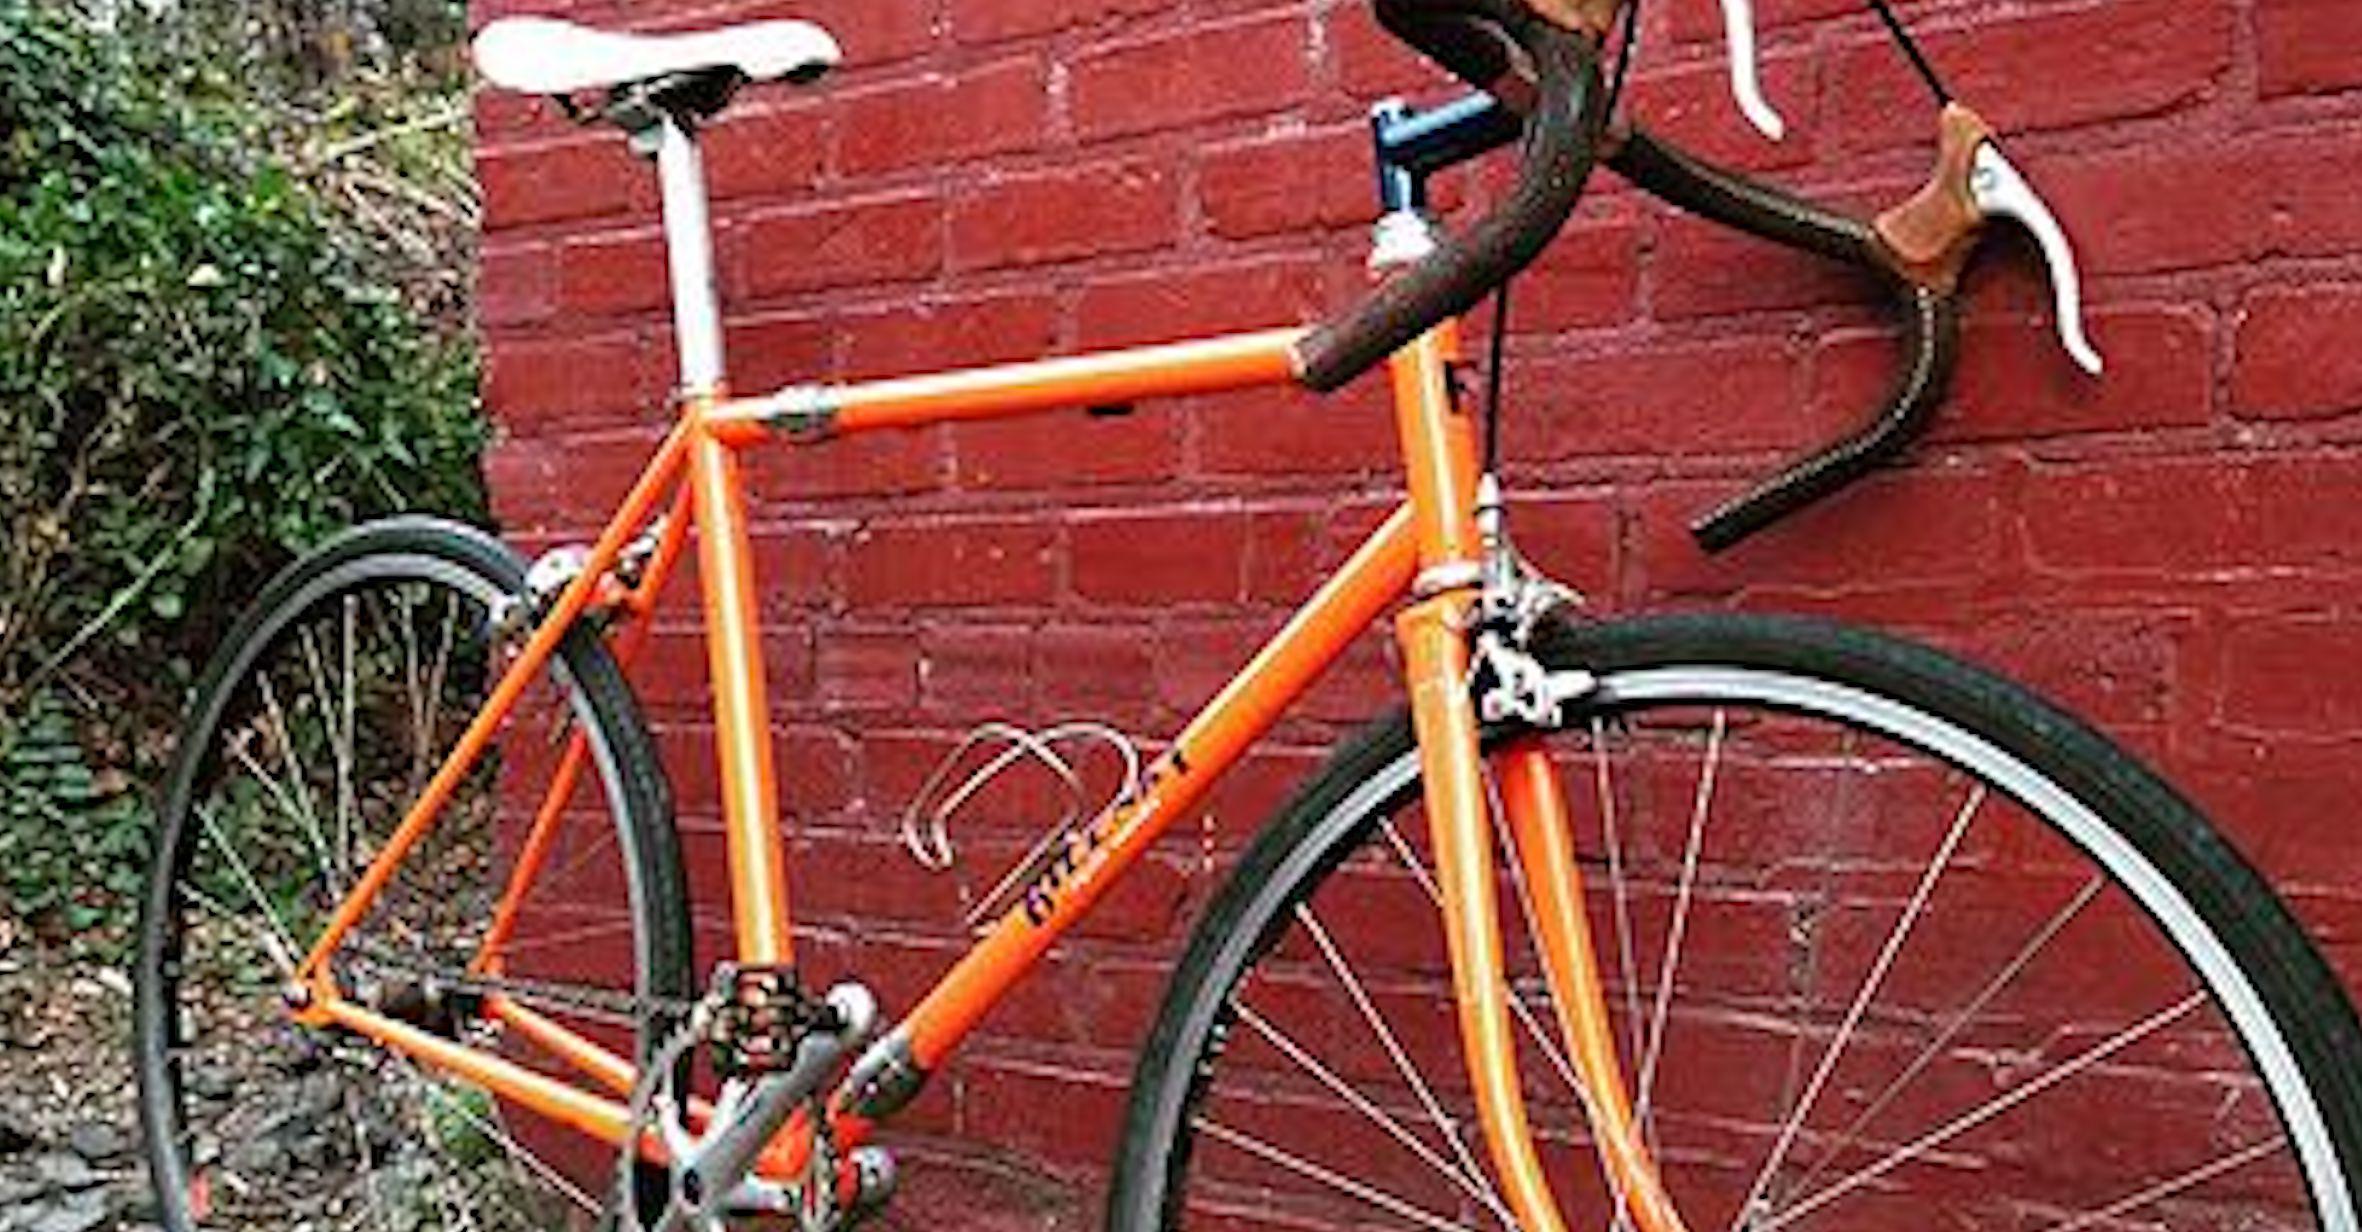 Bilenky Travel Bike copy